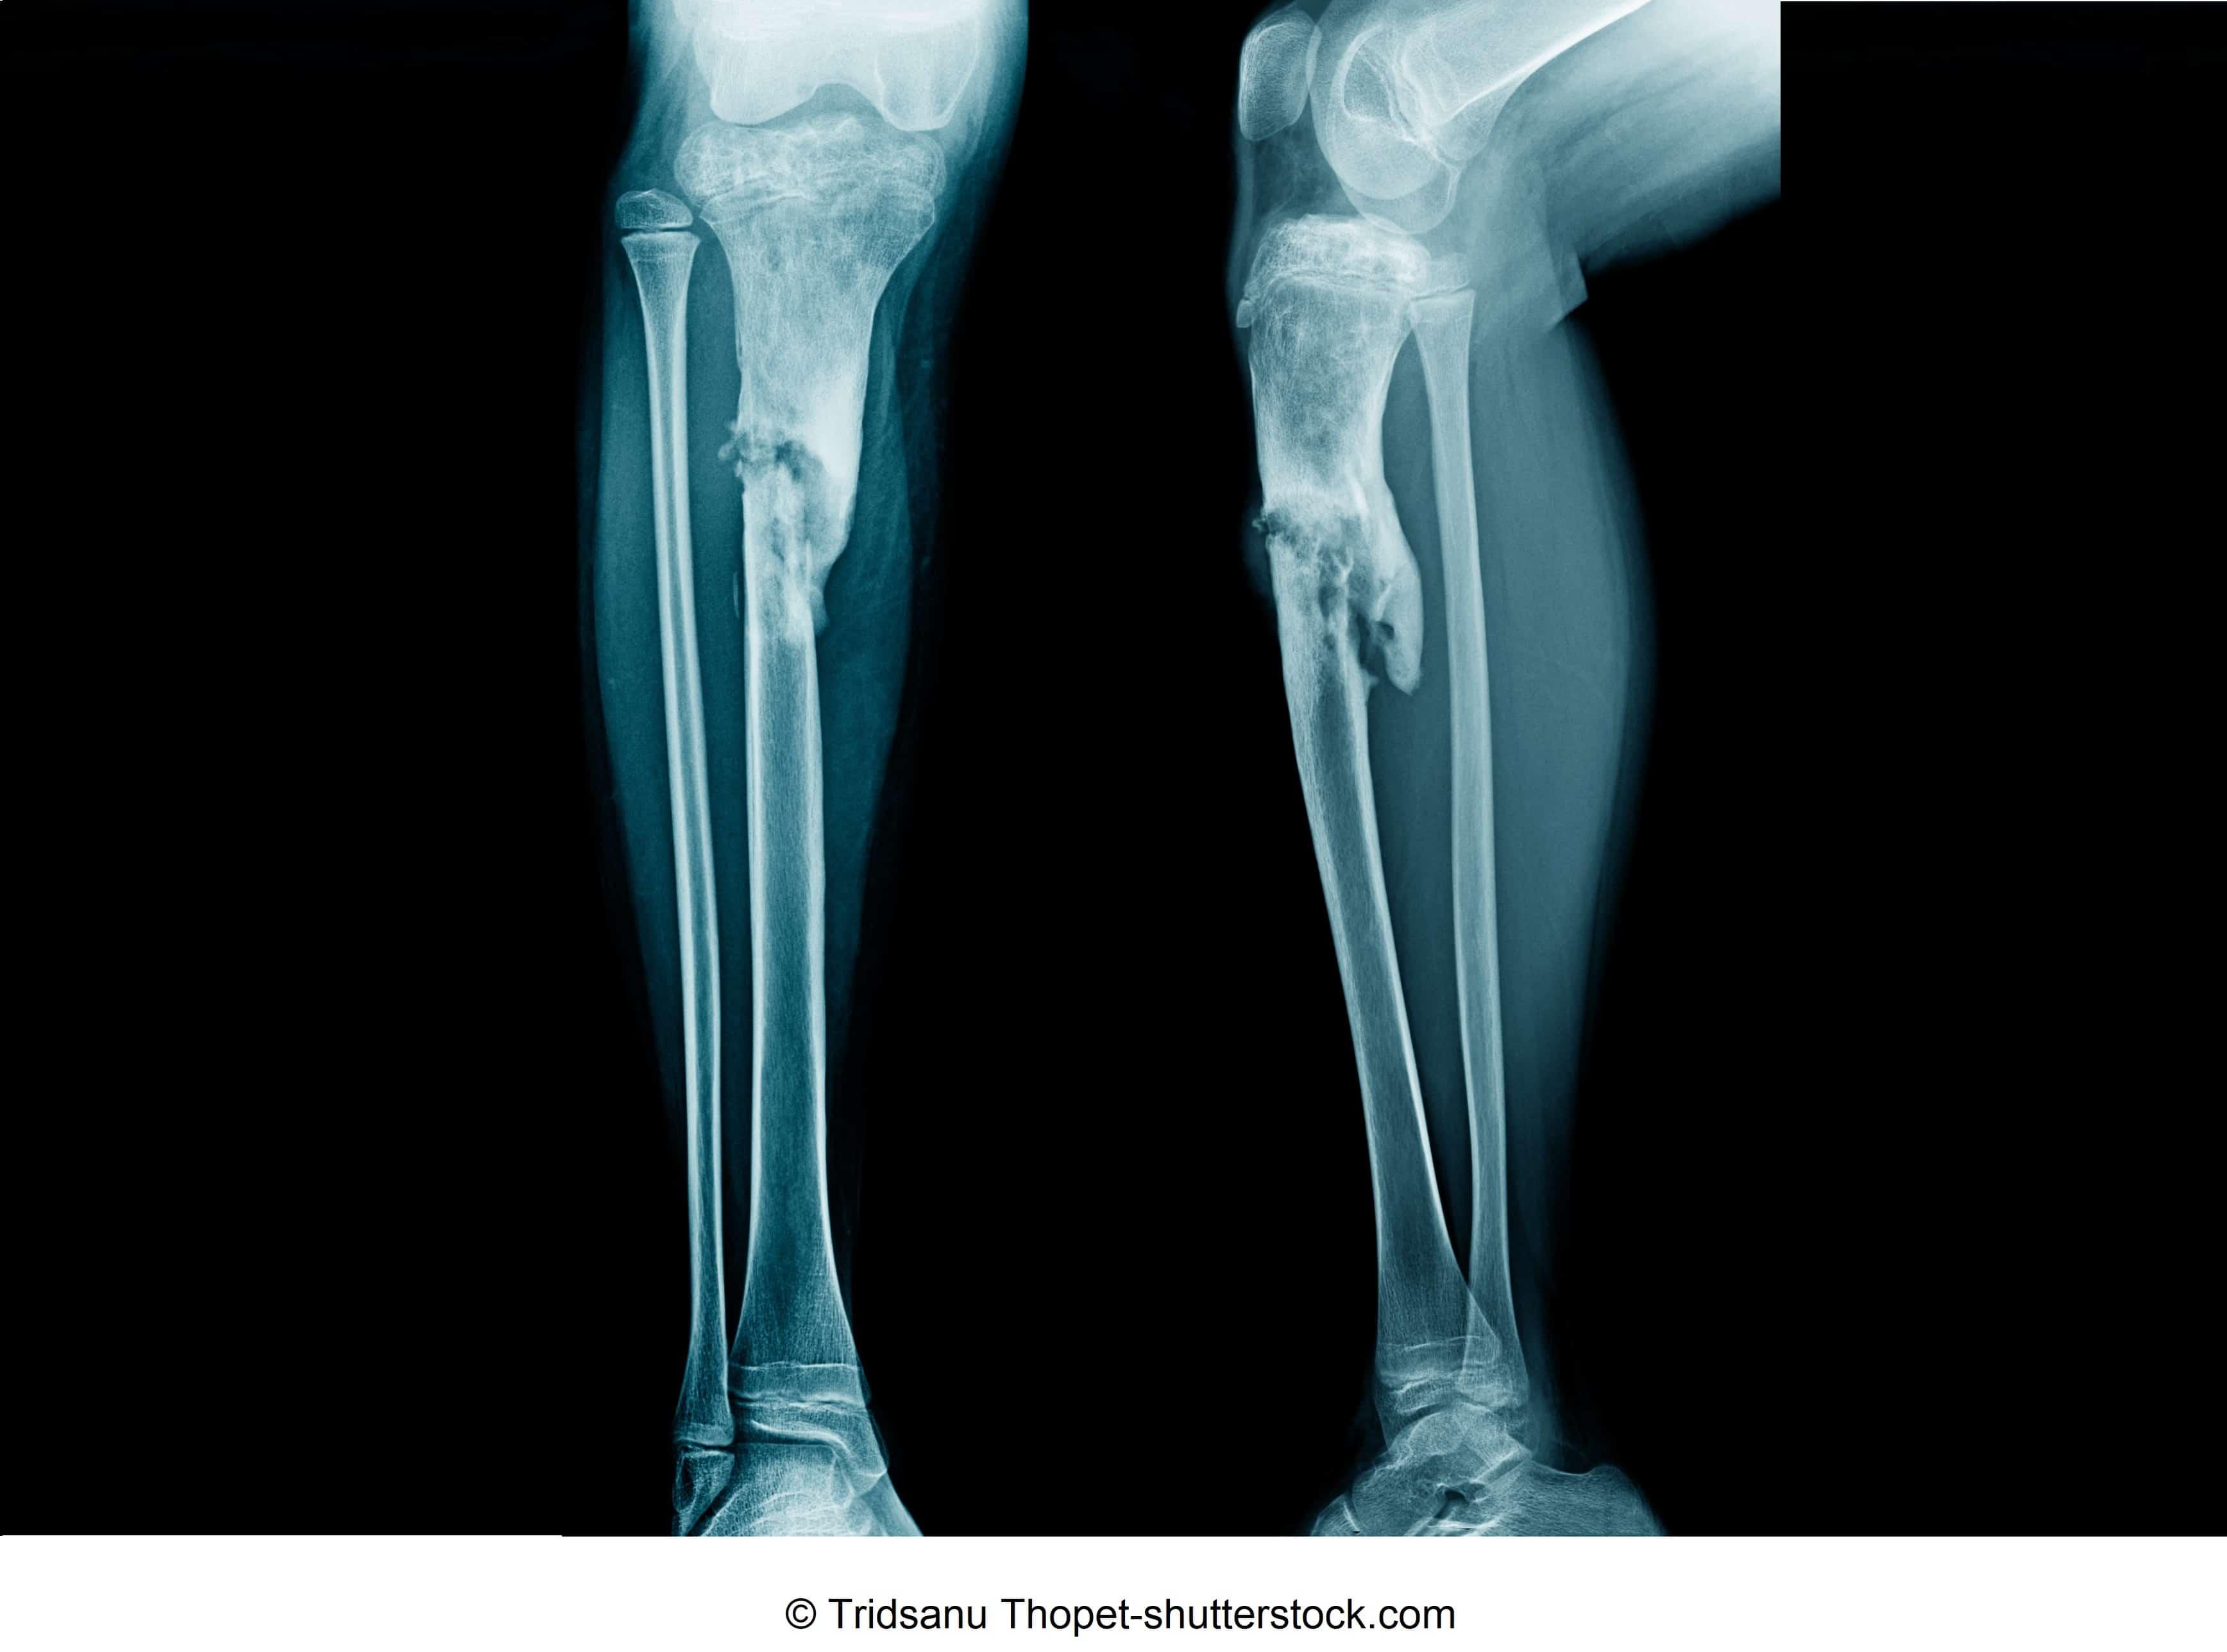 Knochenbruch und Behandlung